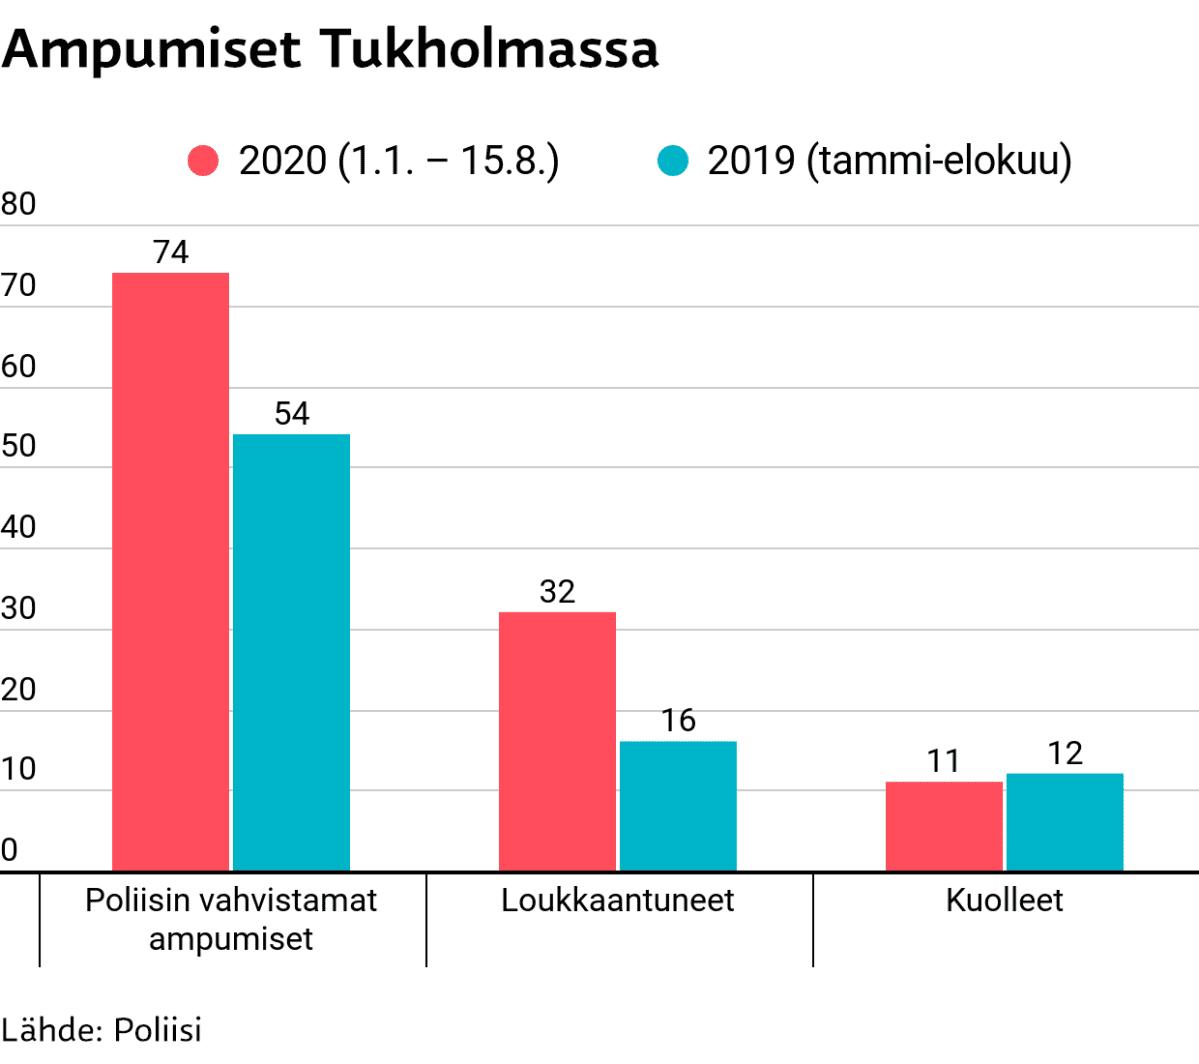 Tilastografiikka ampumisista Tukholmassa 2019 ja 2020,